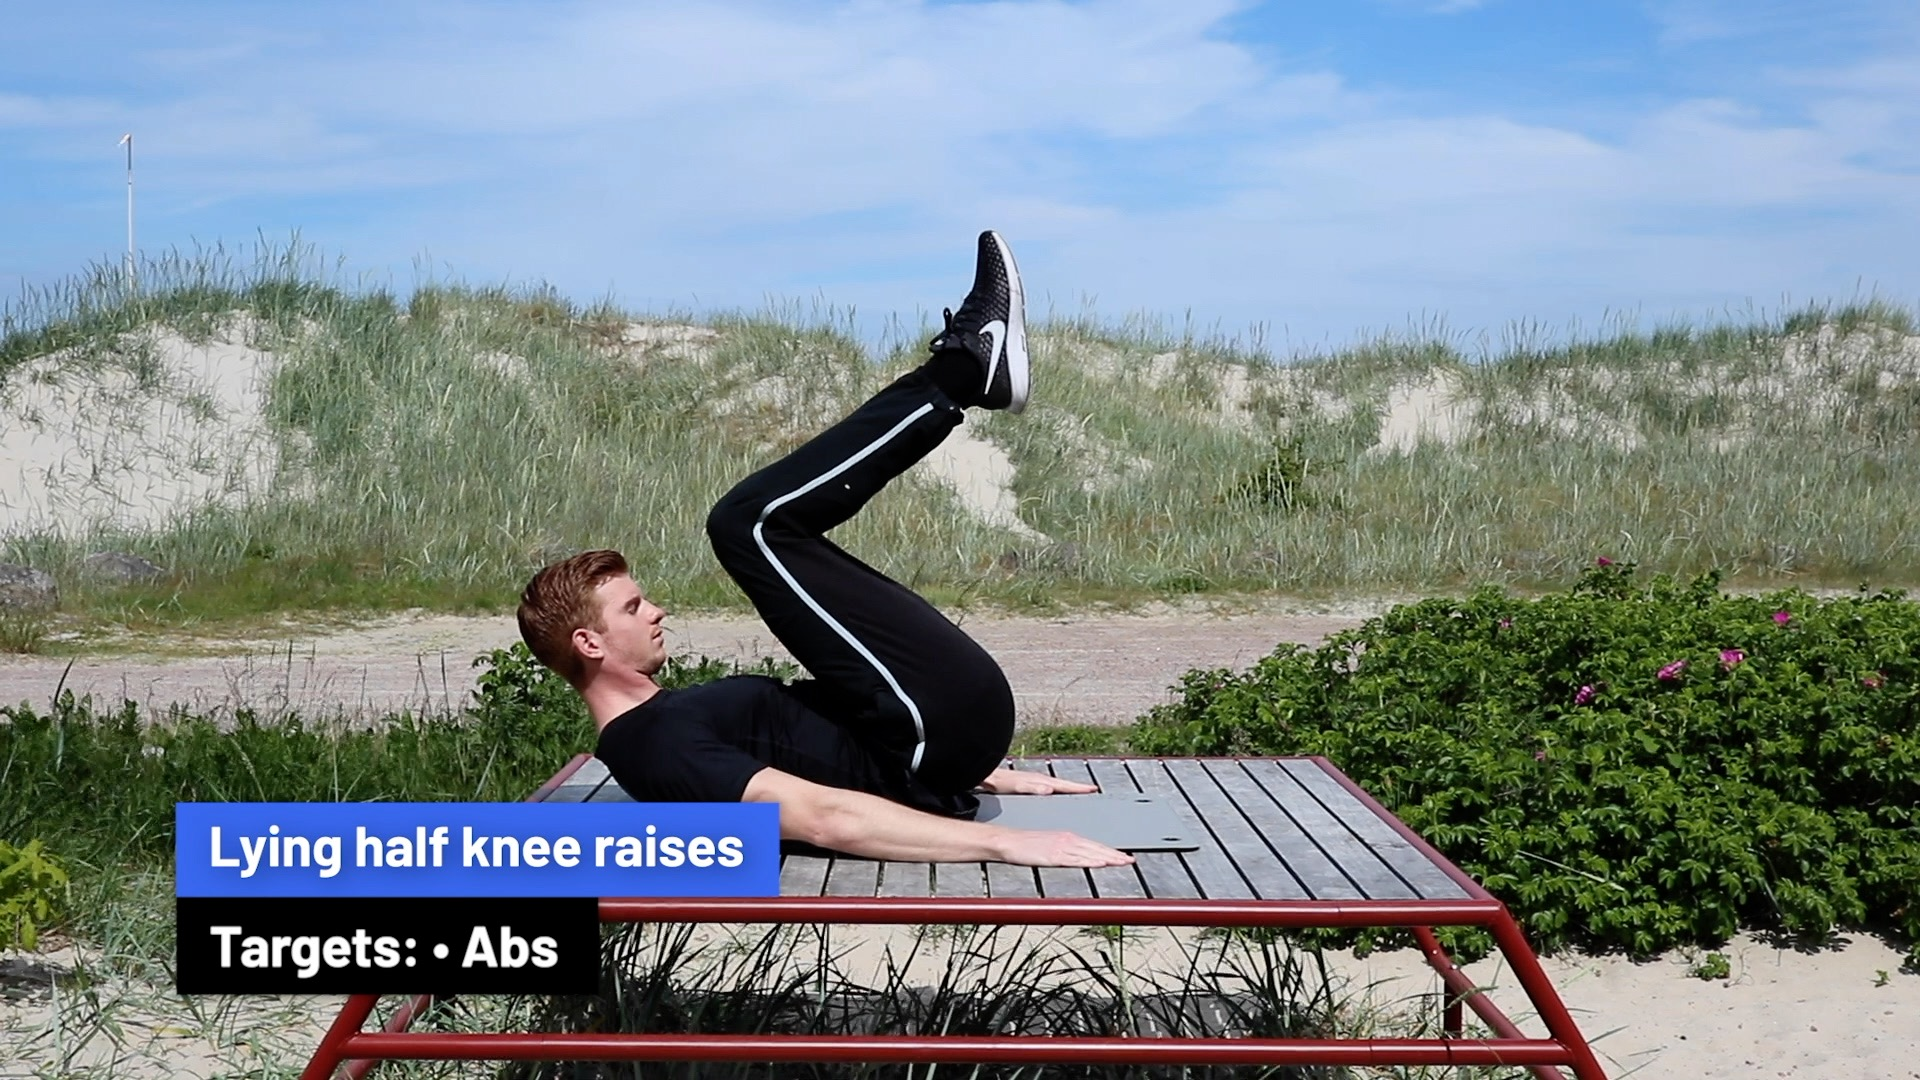 Lying half knee raises